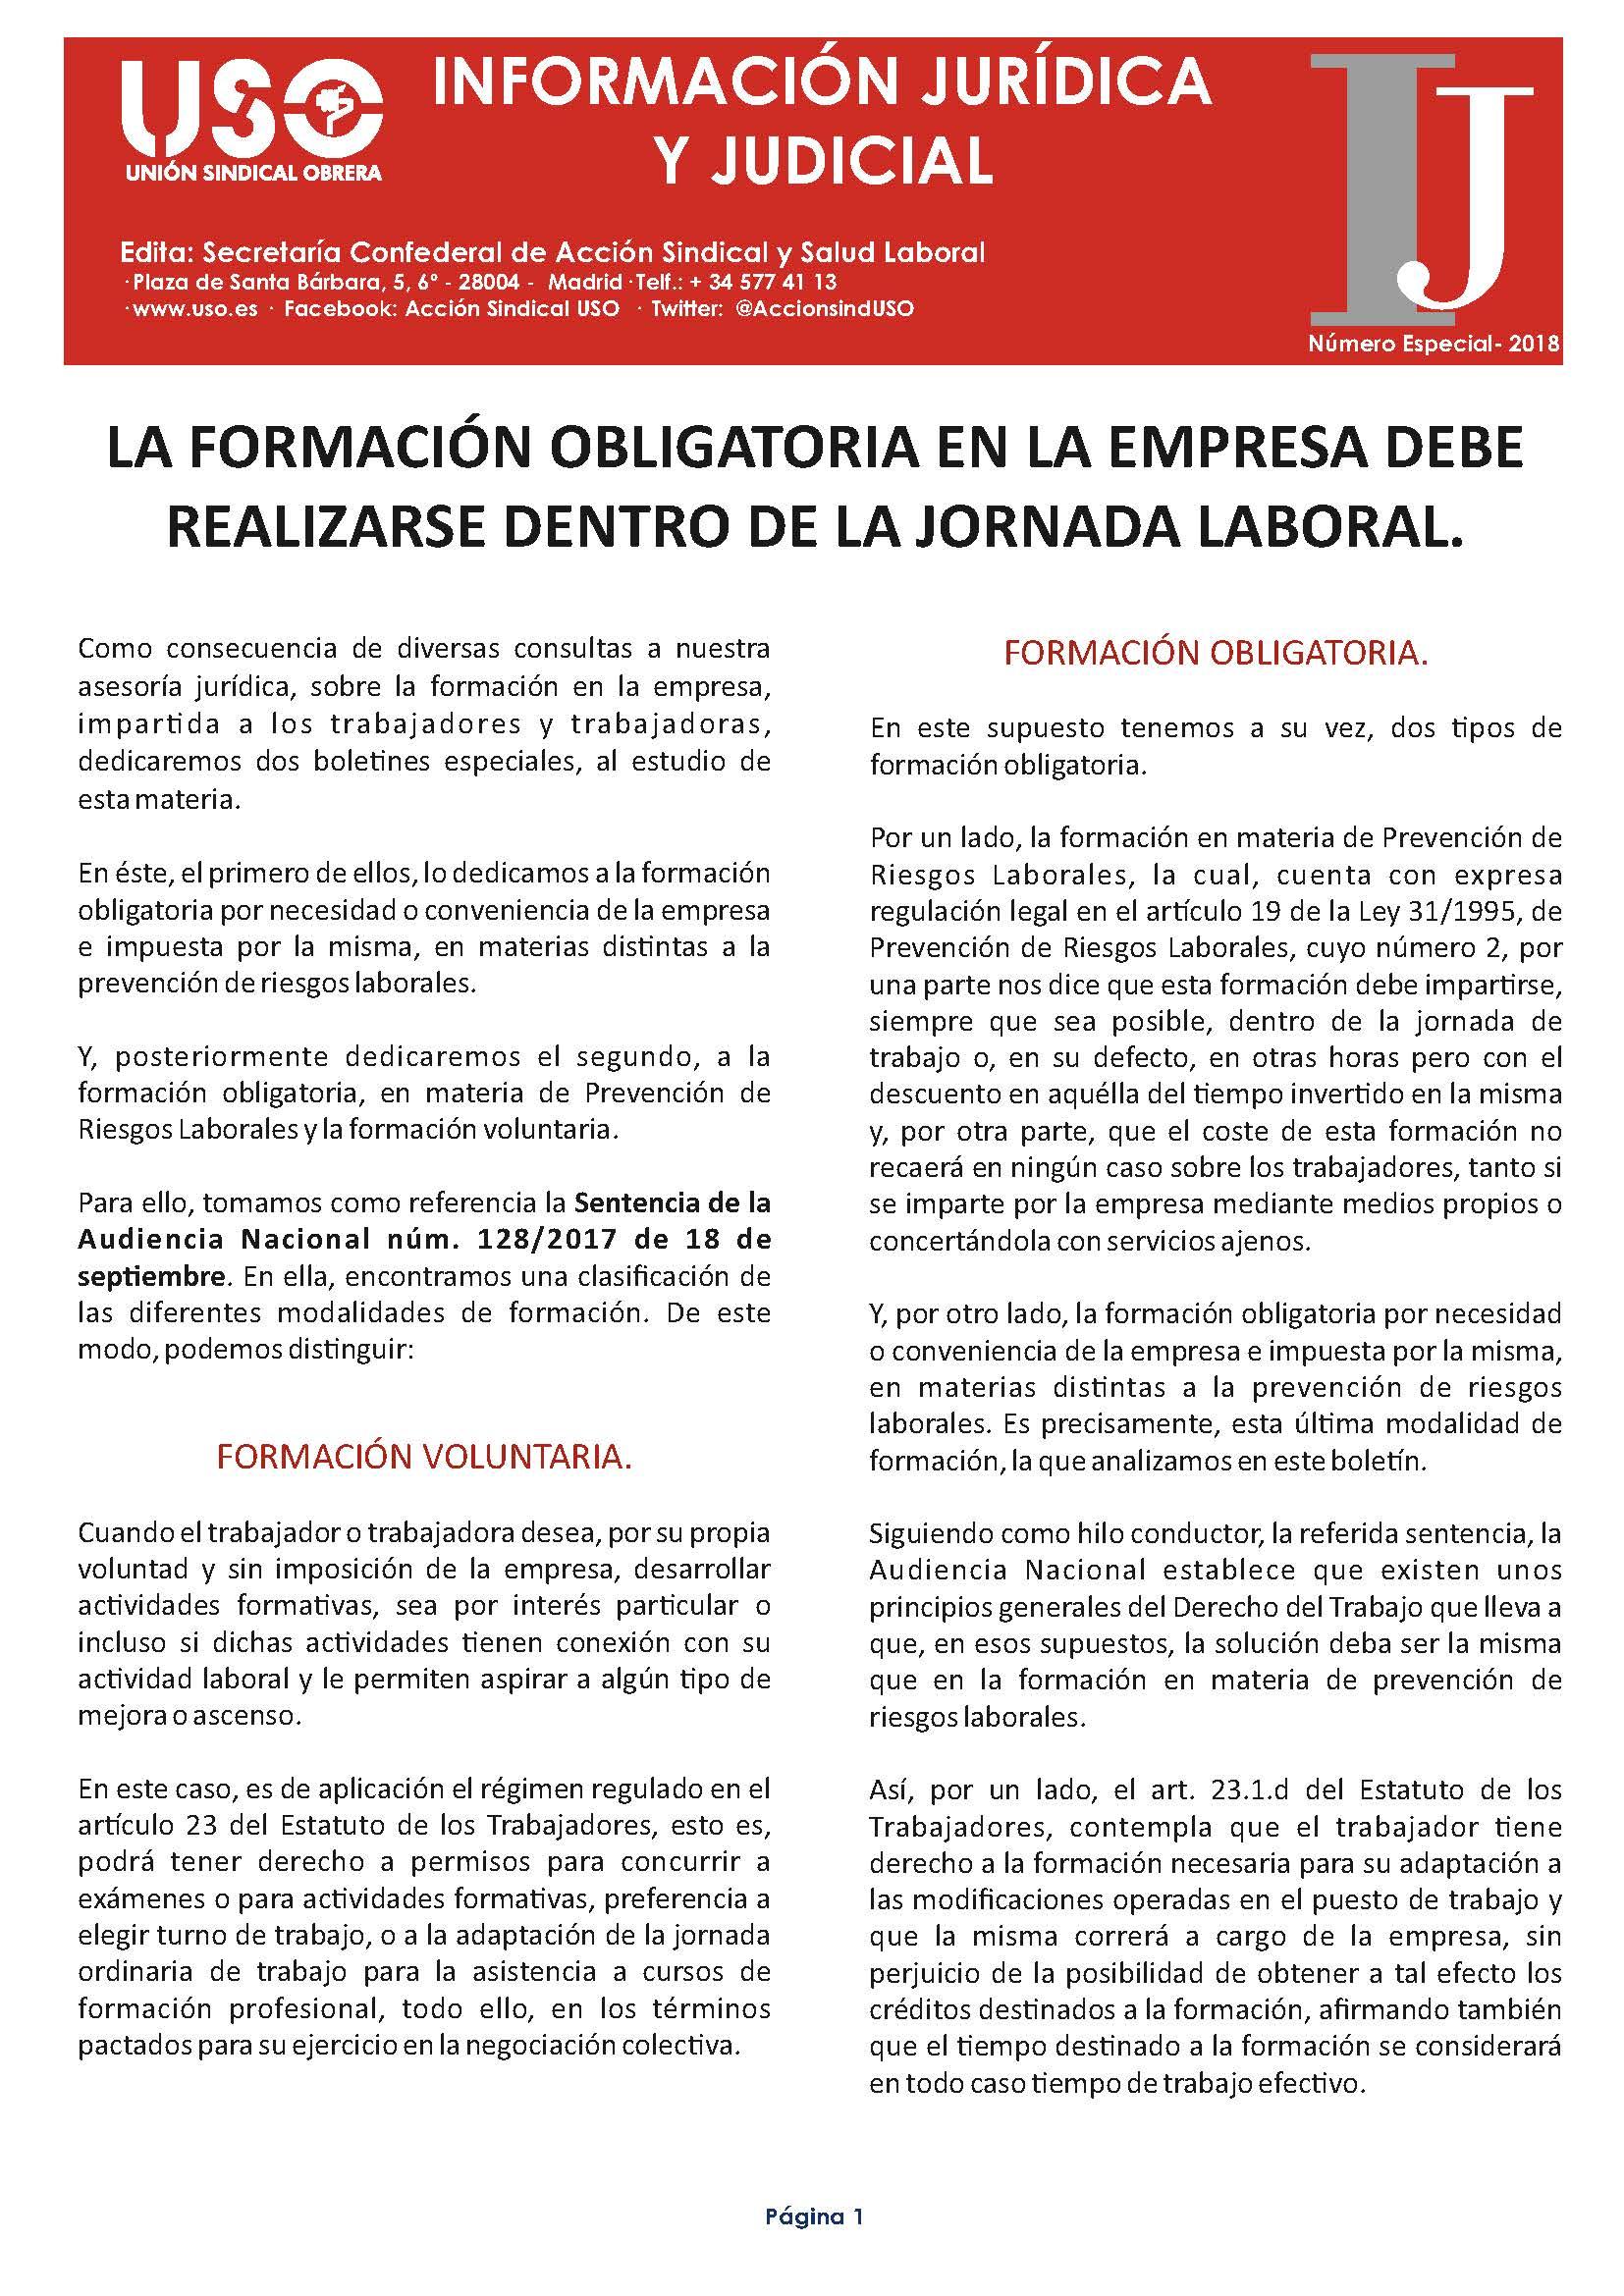 Información Jurídica Número Especial Formación obligatoria